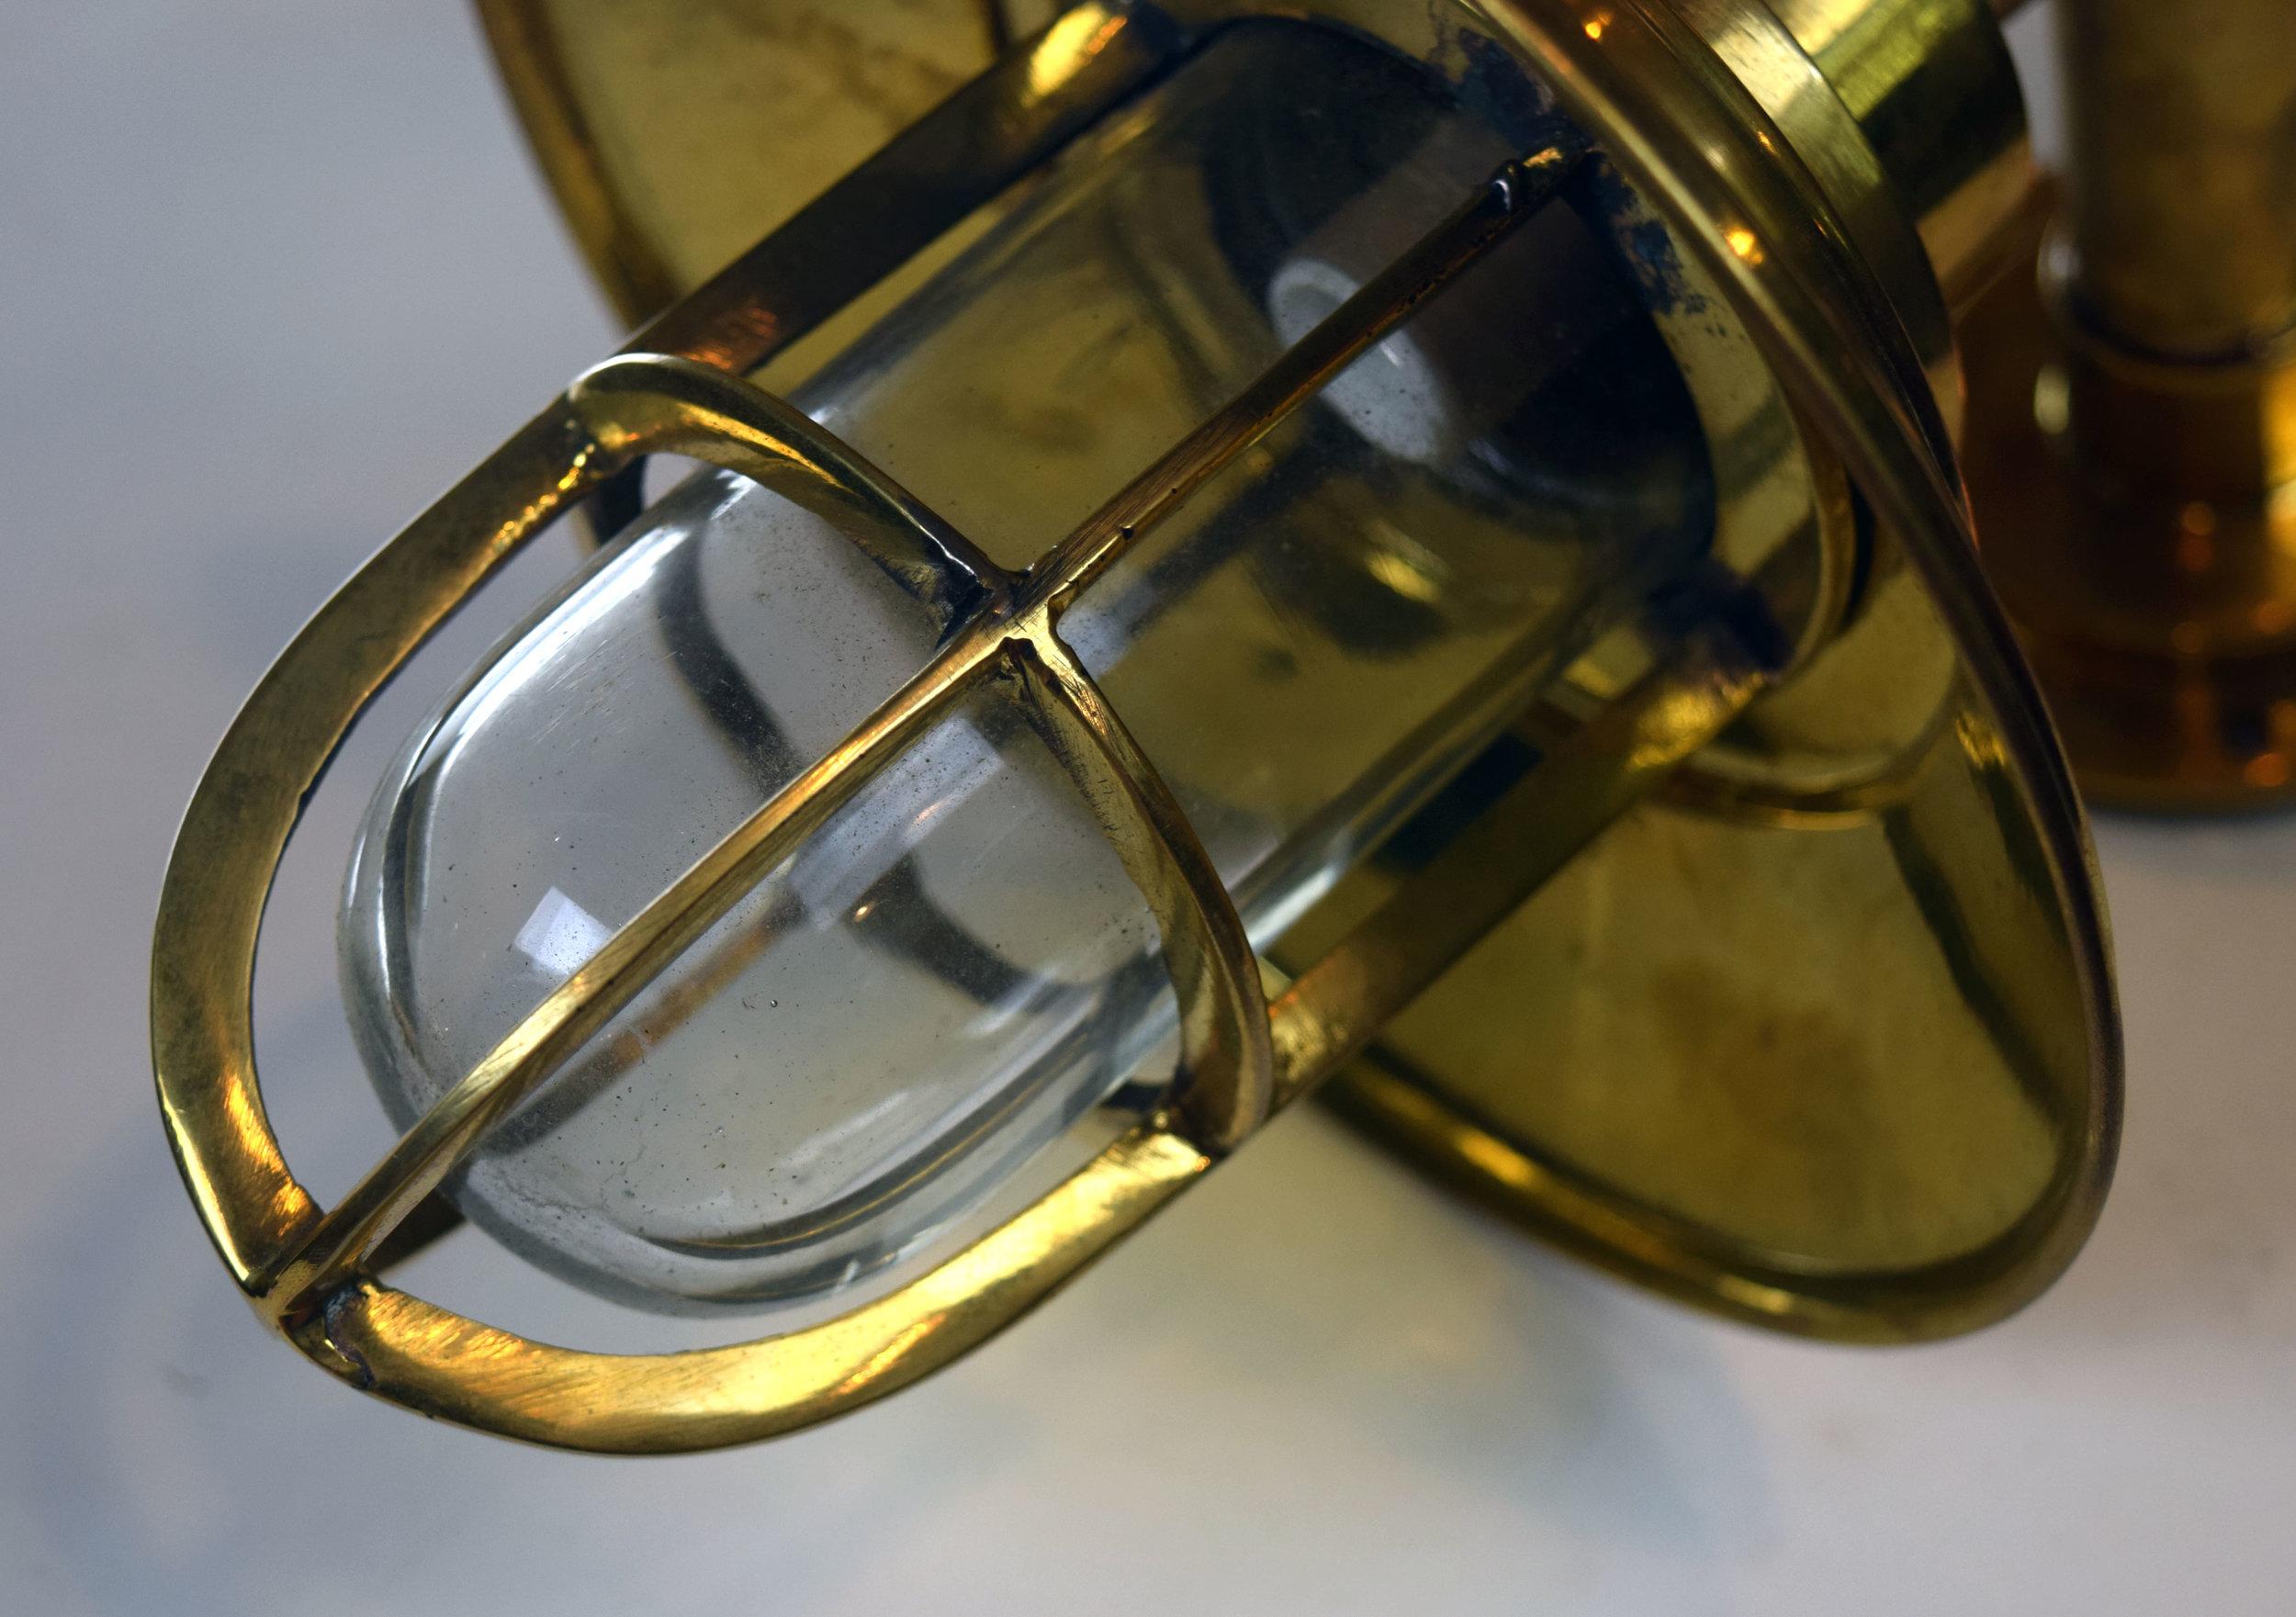 47183-small-brass-ship-light-detail1.jpg